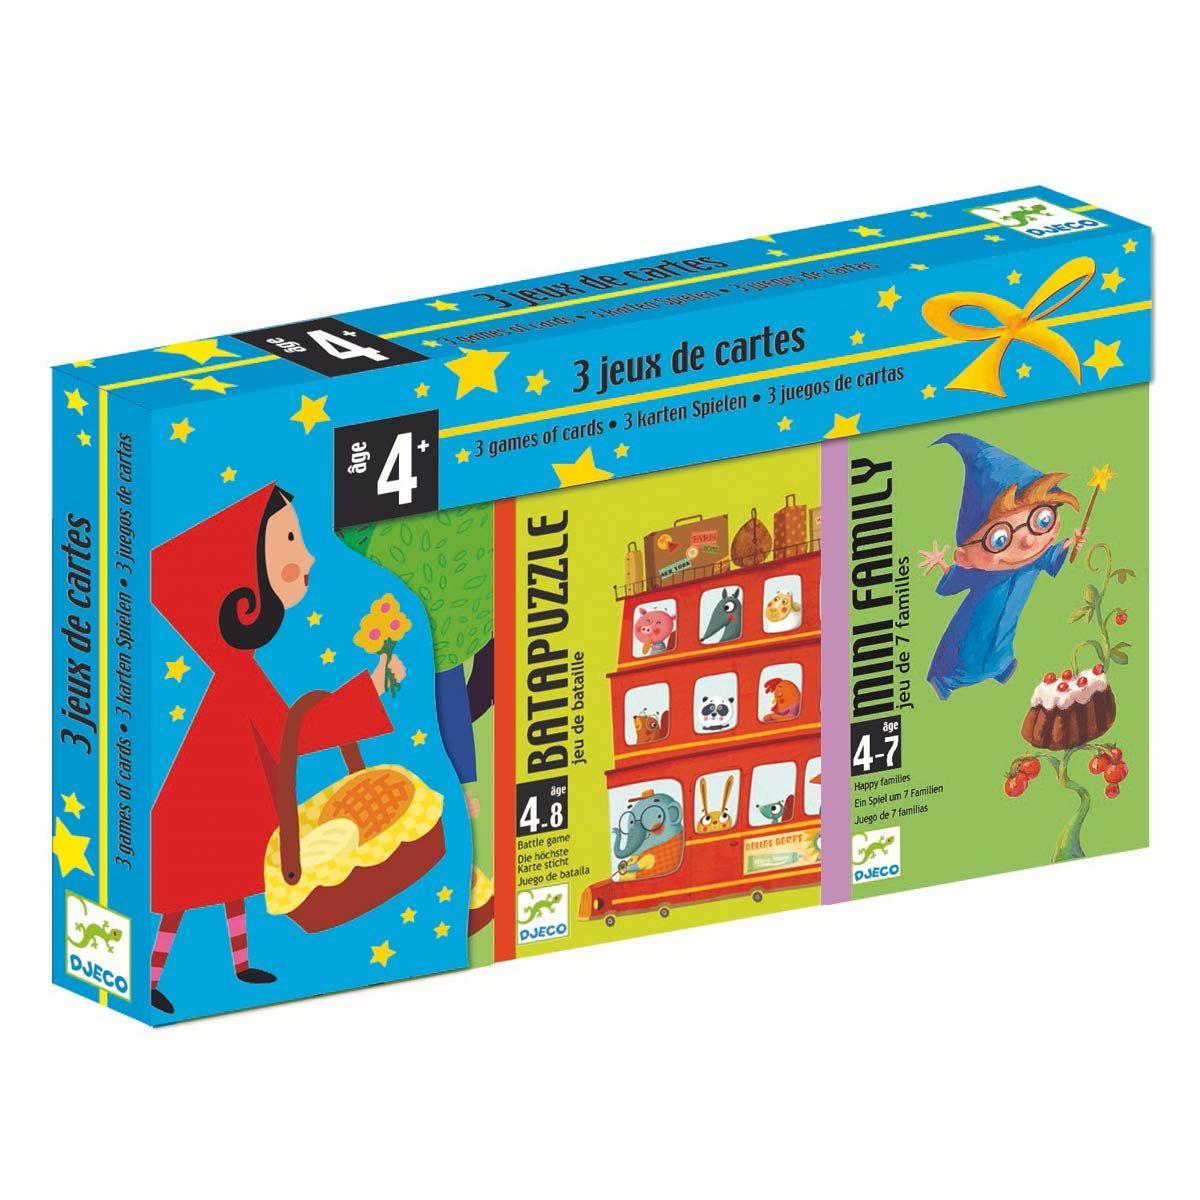 Coffret 3 Jeux Cartes Djeco Pour Enfant De 4 Ans À 7 Ans à Jeux Enfant 7 Ans